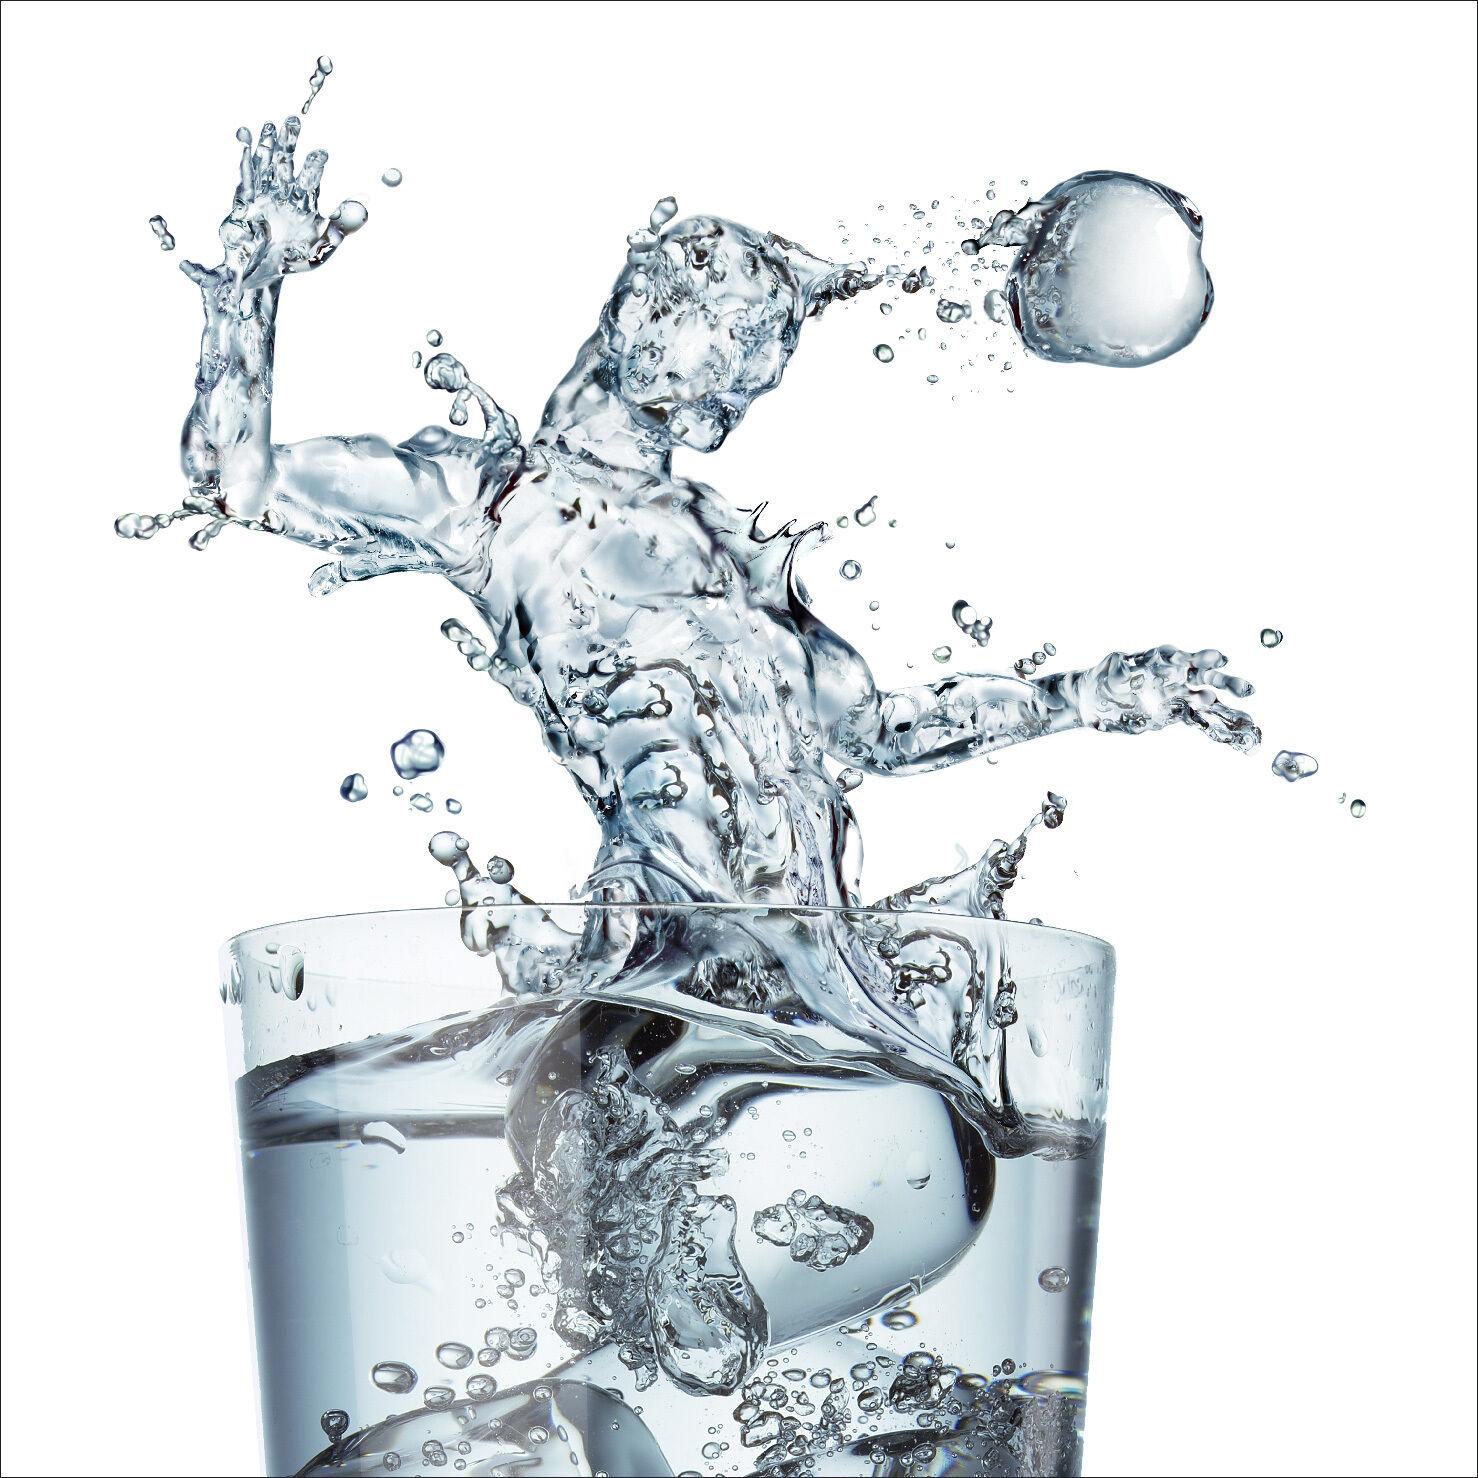 Adesivo parete adesivo decocrazione   Vetro d'eau d'eau d'eau ref 4523 (25 dimensioni) 513987